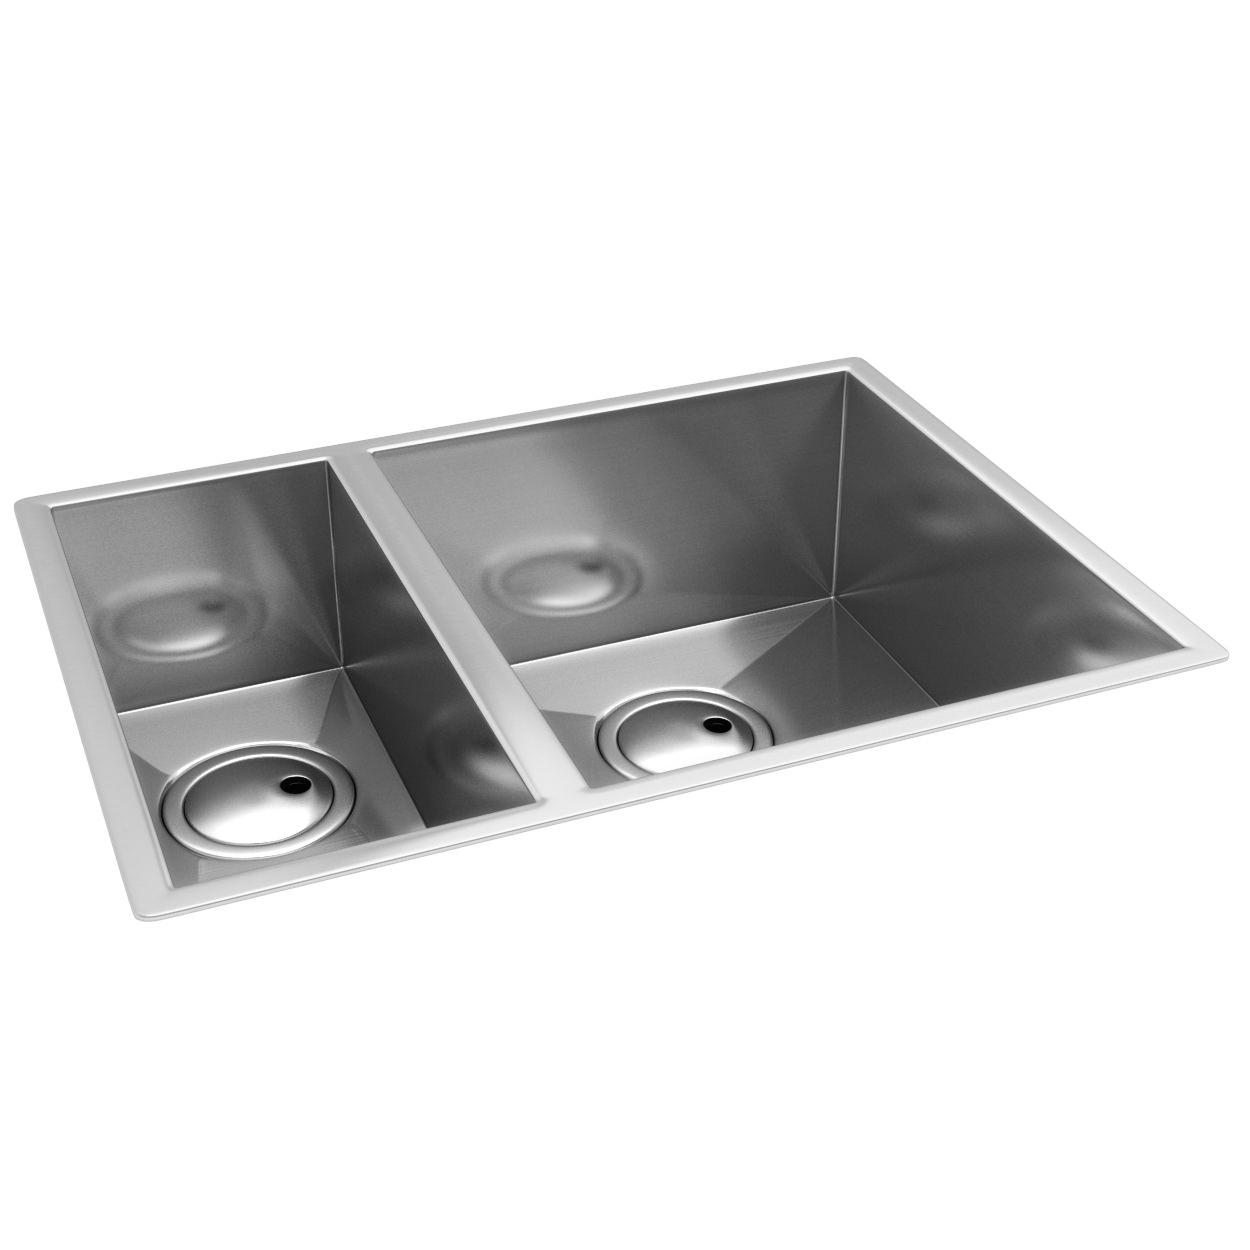 ... kitchens one and half bowl abode matrix r0 1 5 bowl kitchen sink